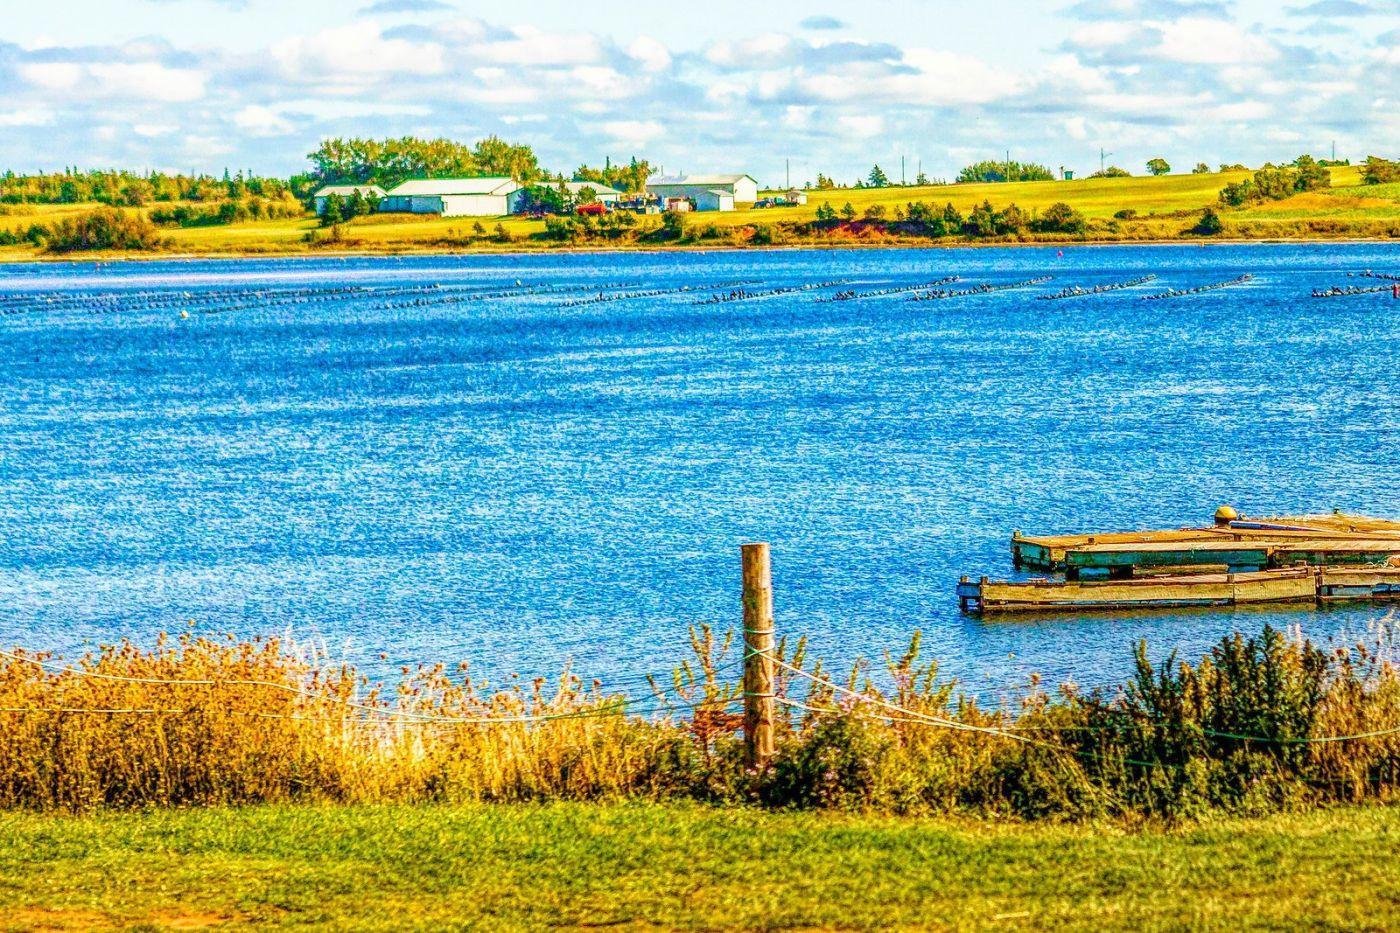 加拿大路途,水边抓拍_图1-38